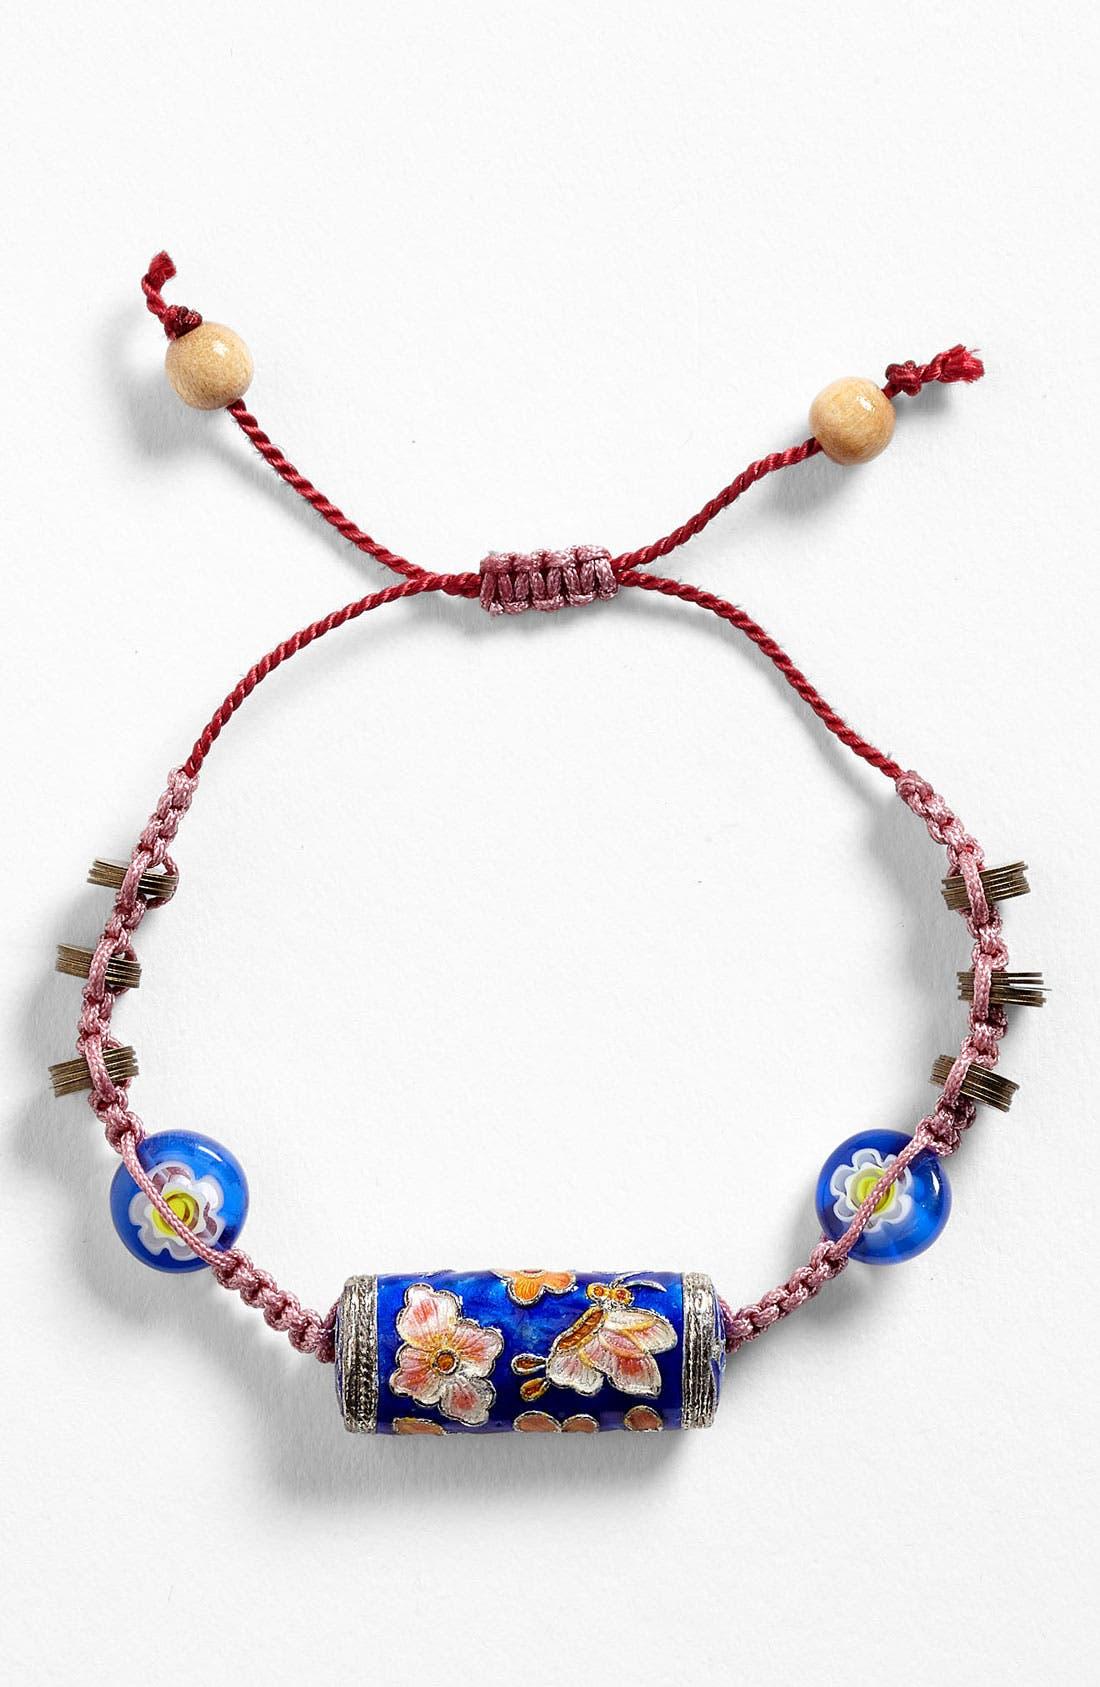 Main Image - Bonnie Jonas 'Tranquil' Cloisonné Friendship Bracelet